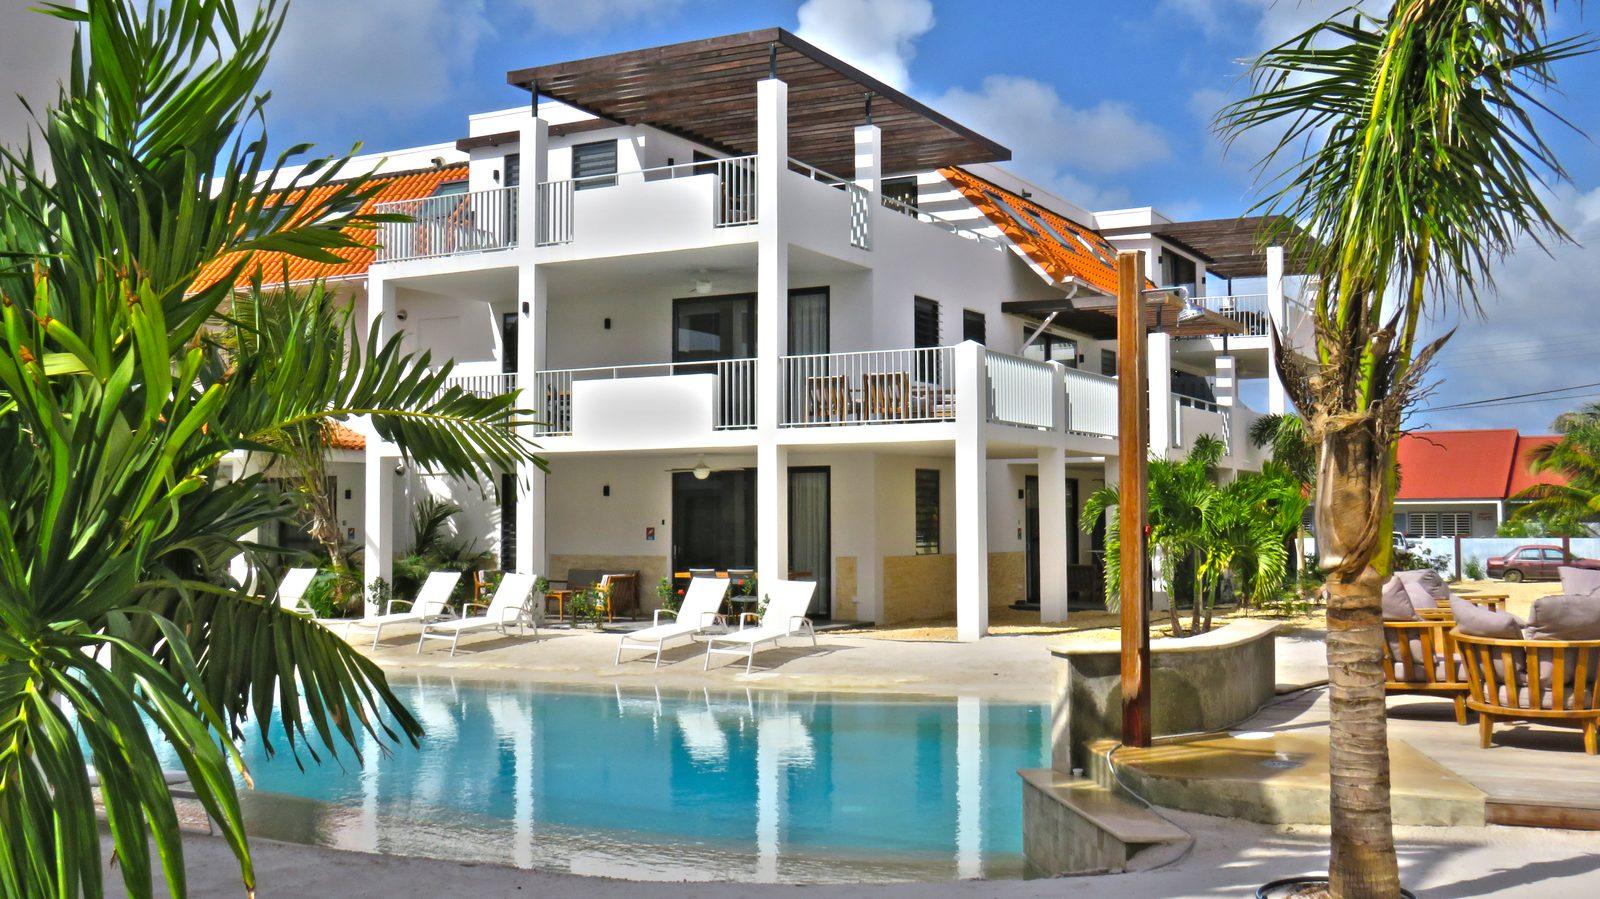 Verbljiven op Bonaire? Dat kan bij Resort Bonaire! Wij hebben diverse appartementen die luxe zijn uitgevoerd en beschikken over alle gemakken.